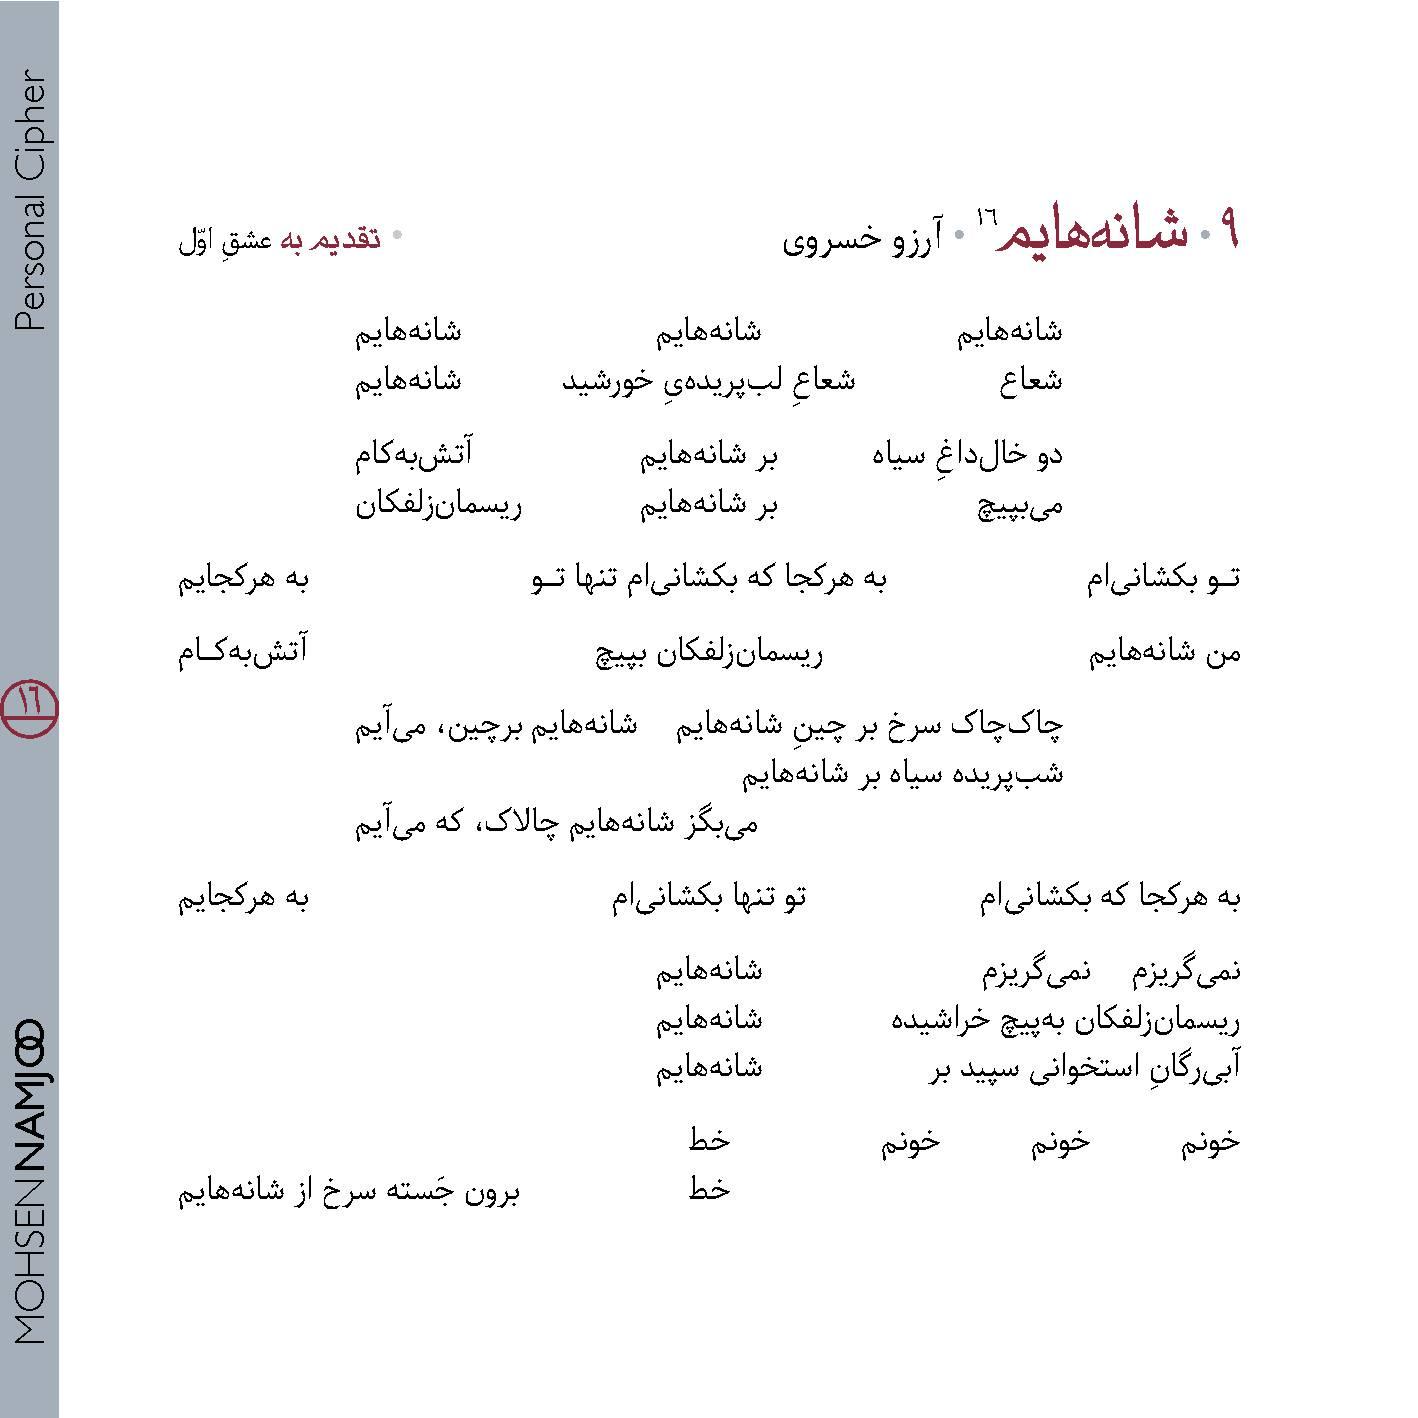 file-page16.jpg